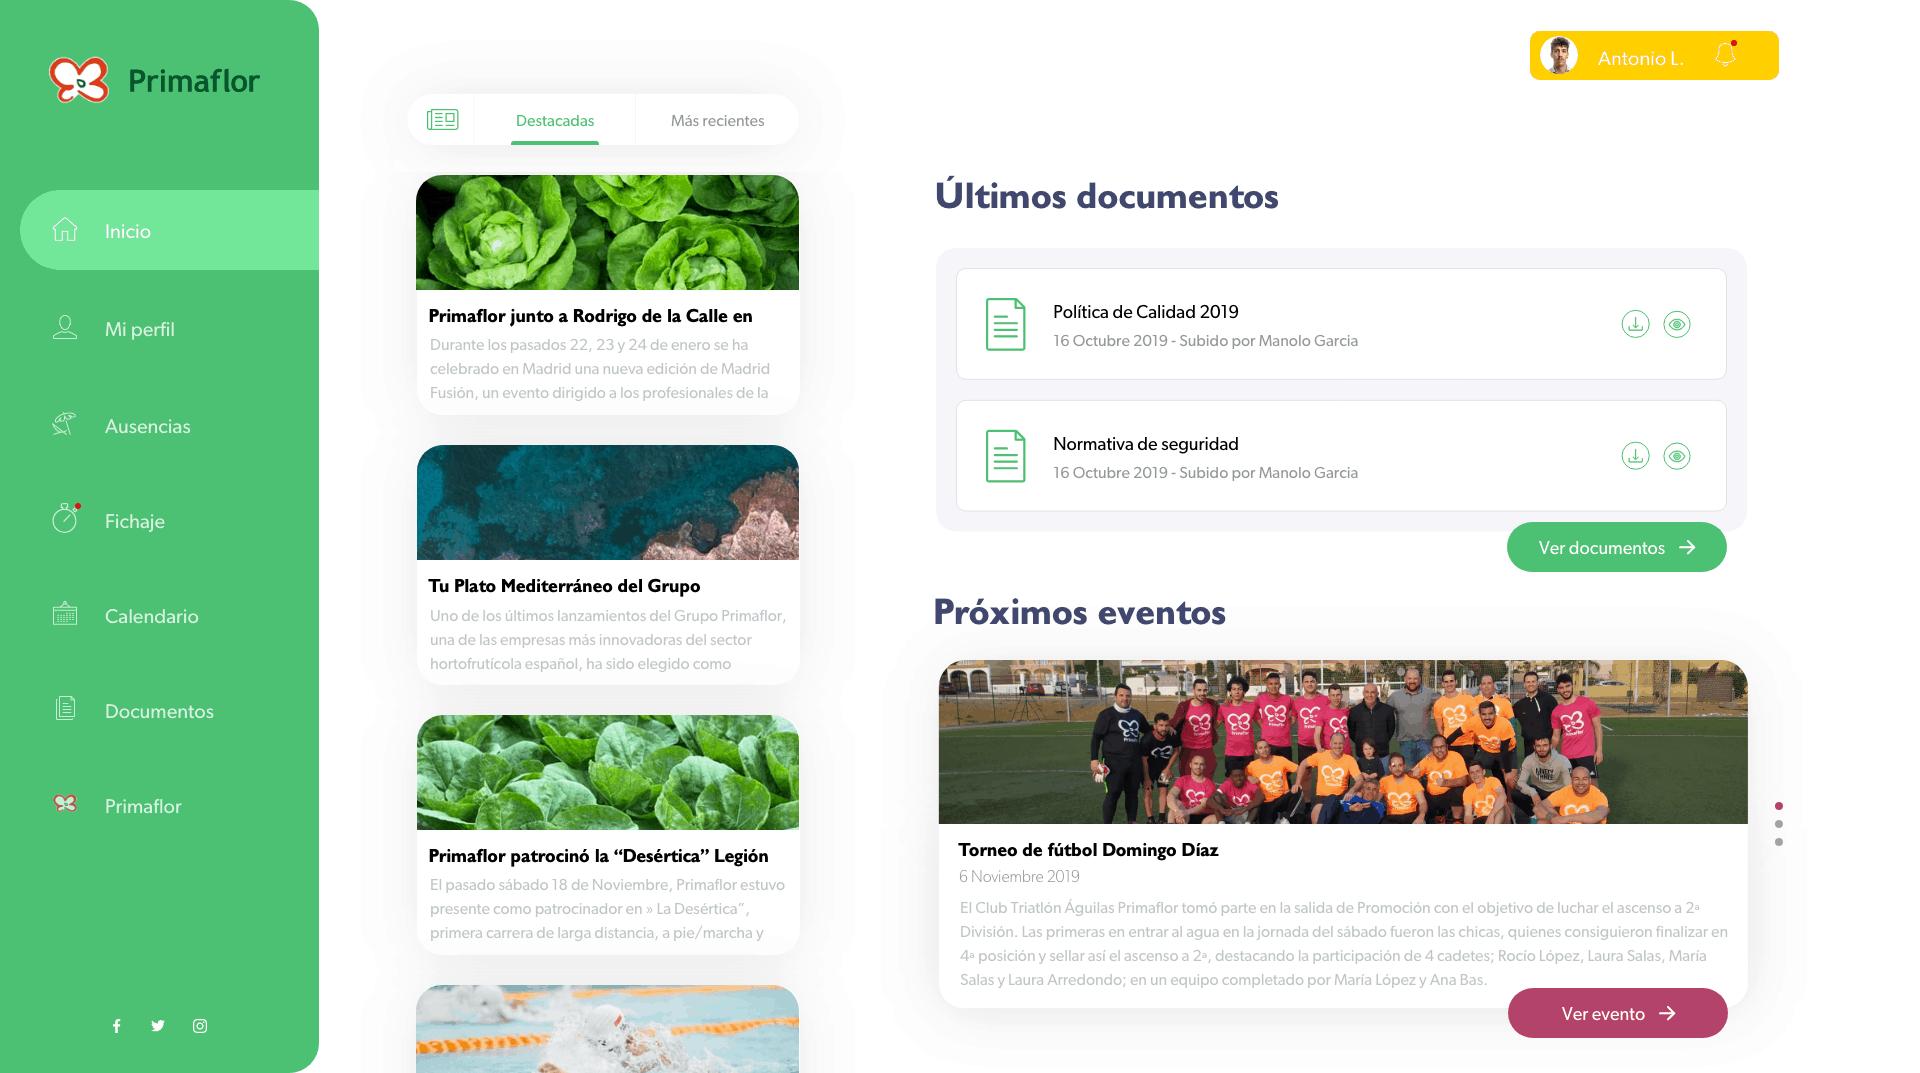 Primaflor │ Plataforma de recursos humanos 25